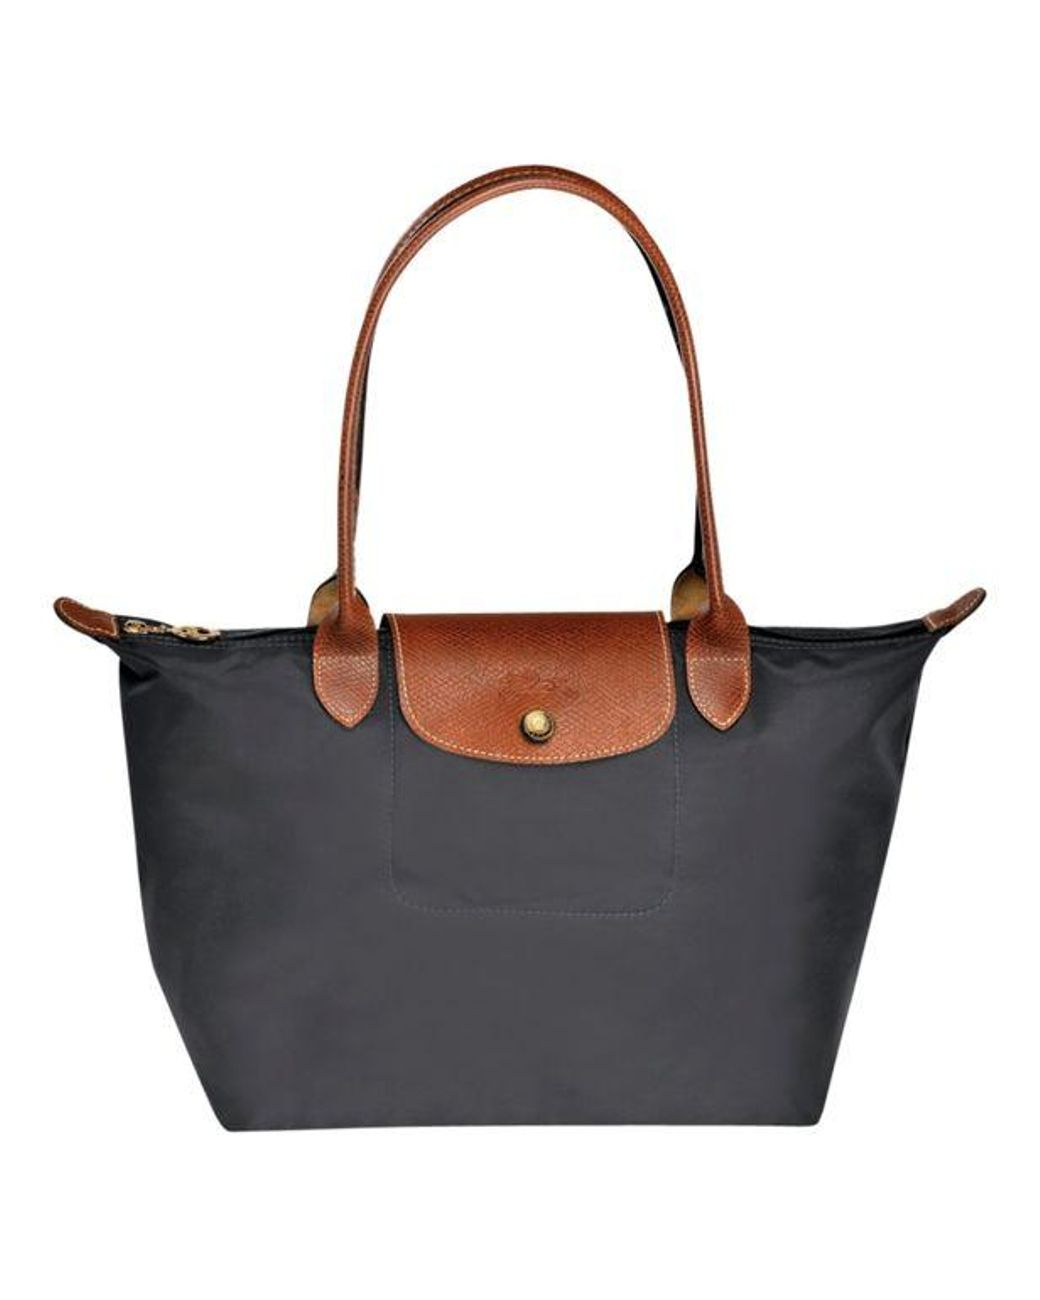 sac a main longchamps laineblanc et noir